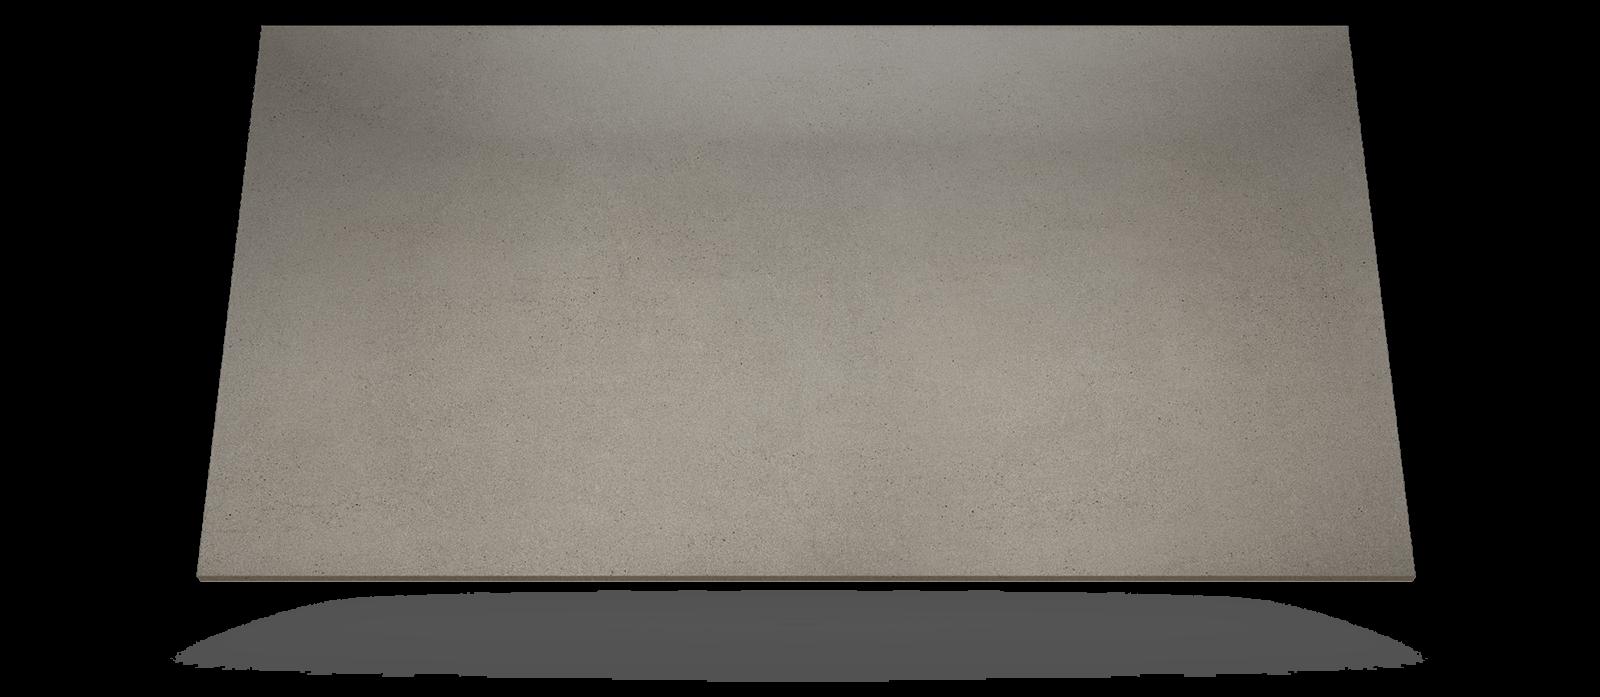 Strato Planch